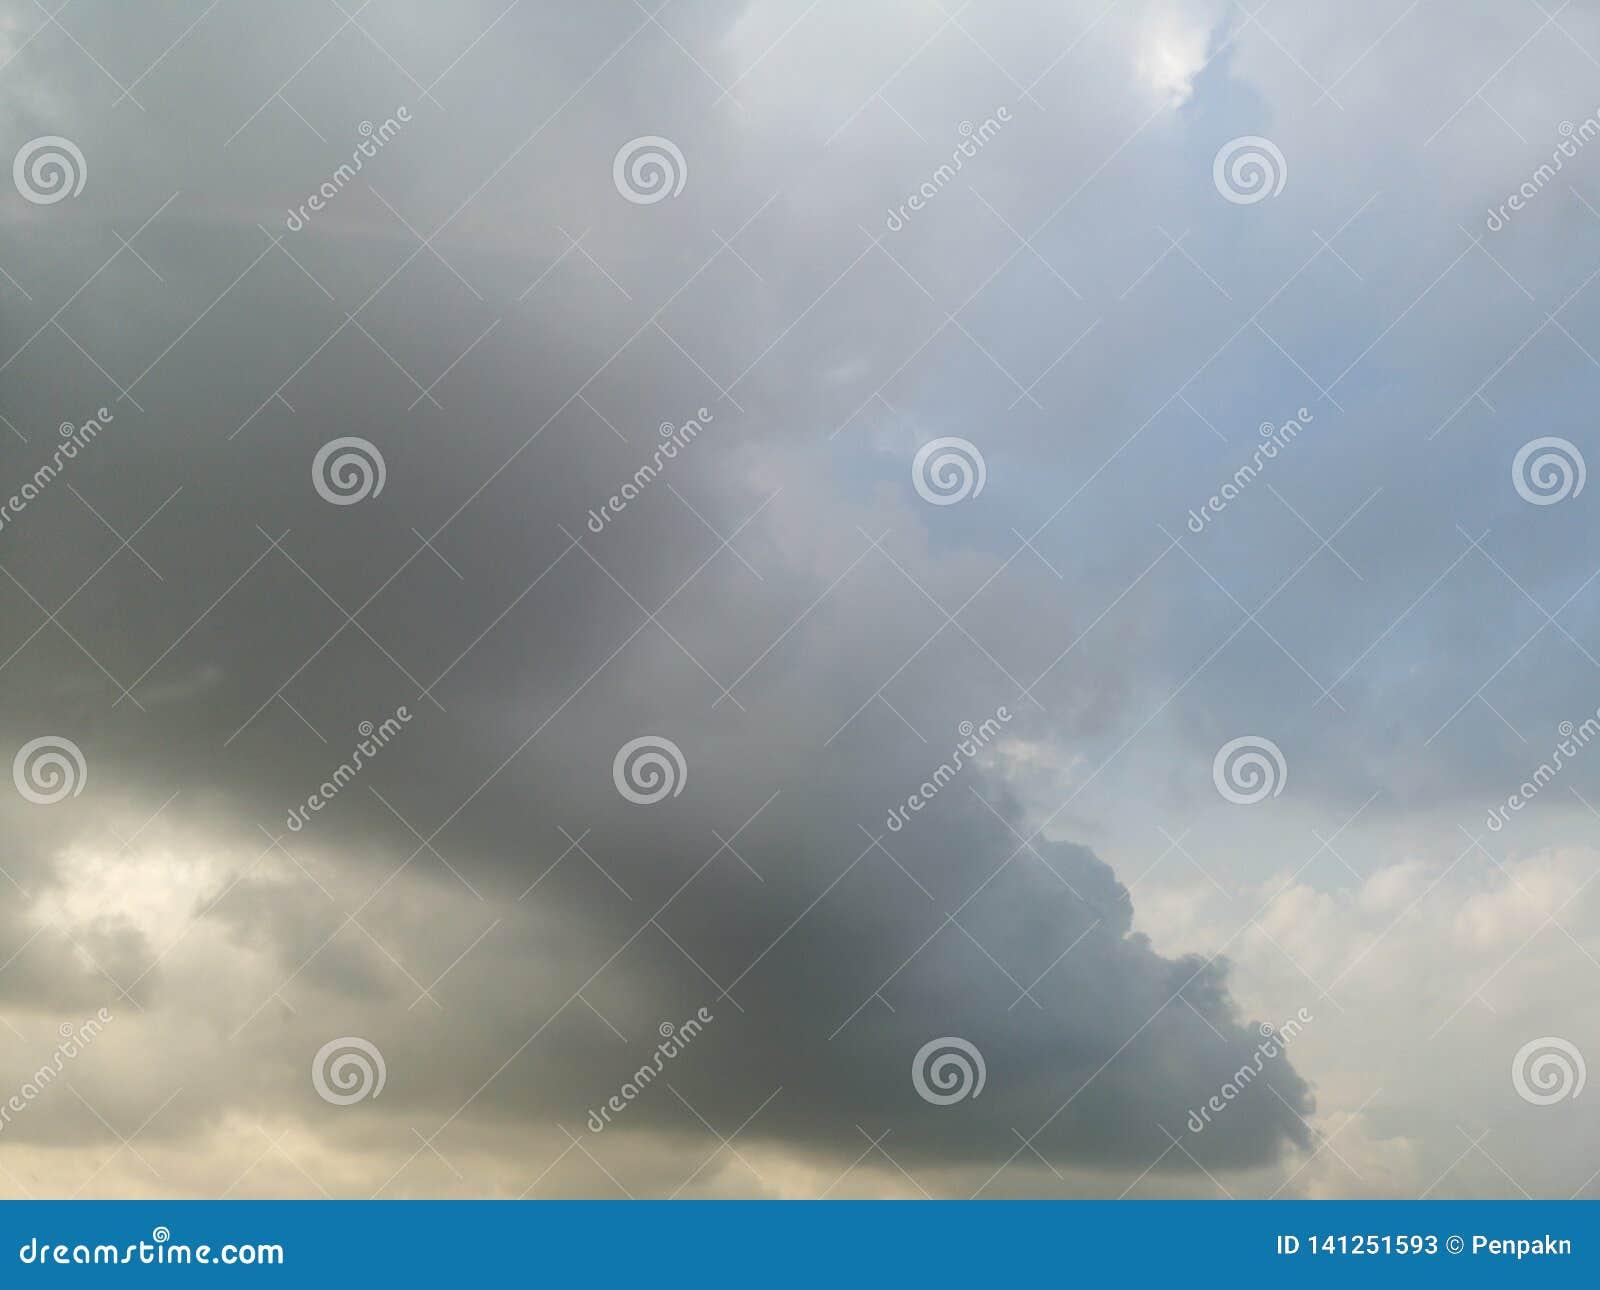 天空是coundy阴云密布的黑色